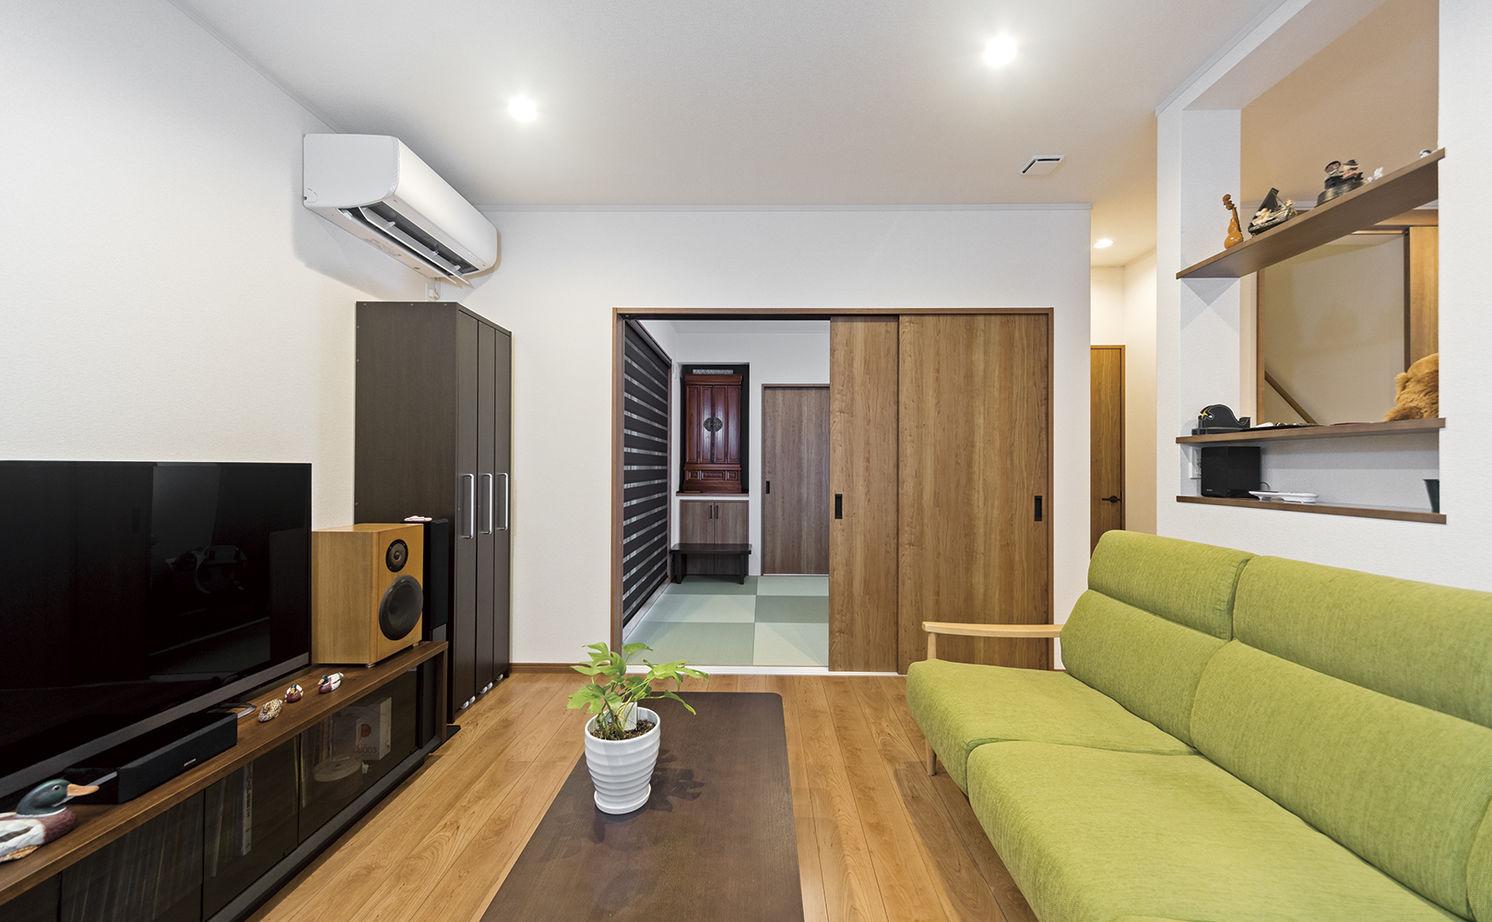 メンテナンスフリーな二世帯住宅は、孫にも受け継げる安心の品質画像2